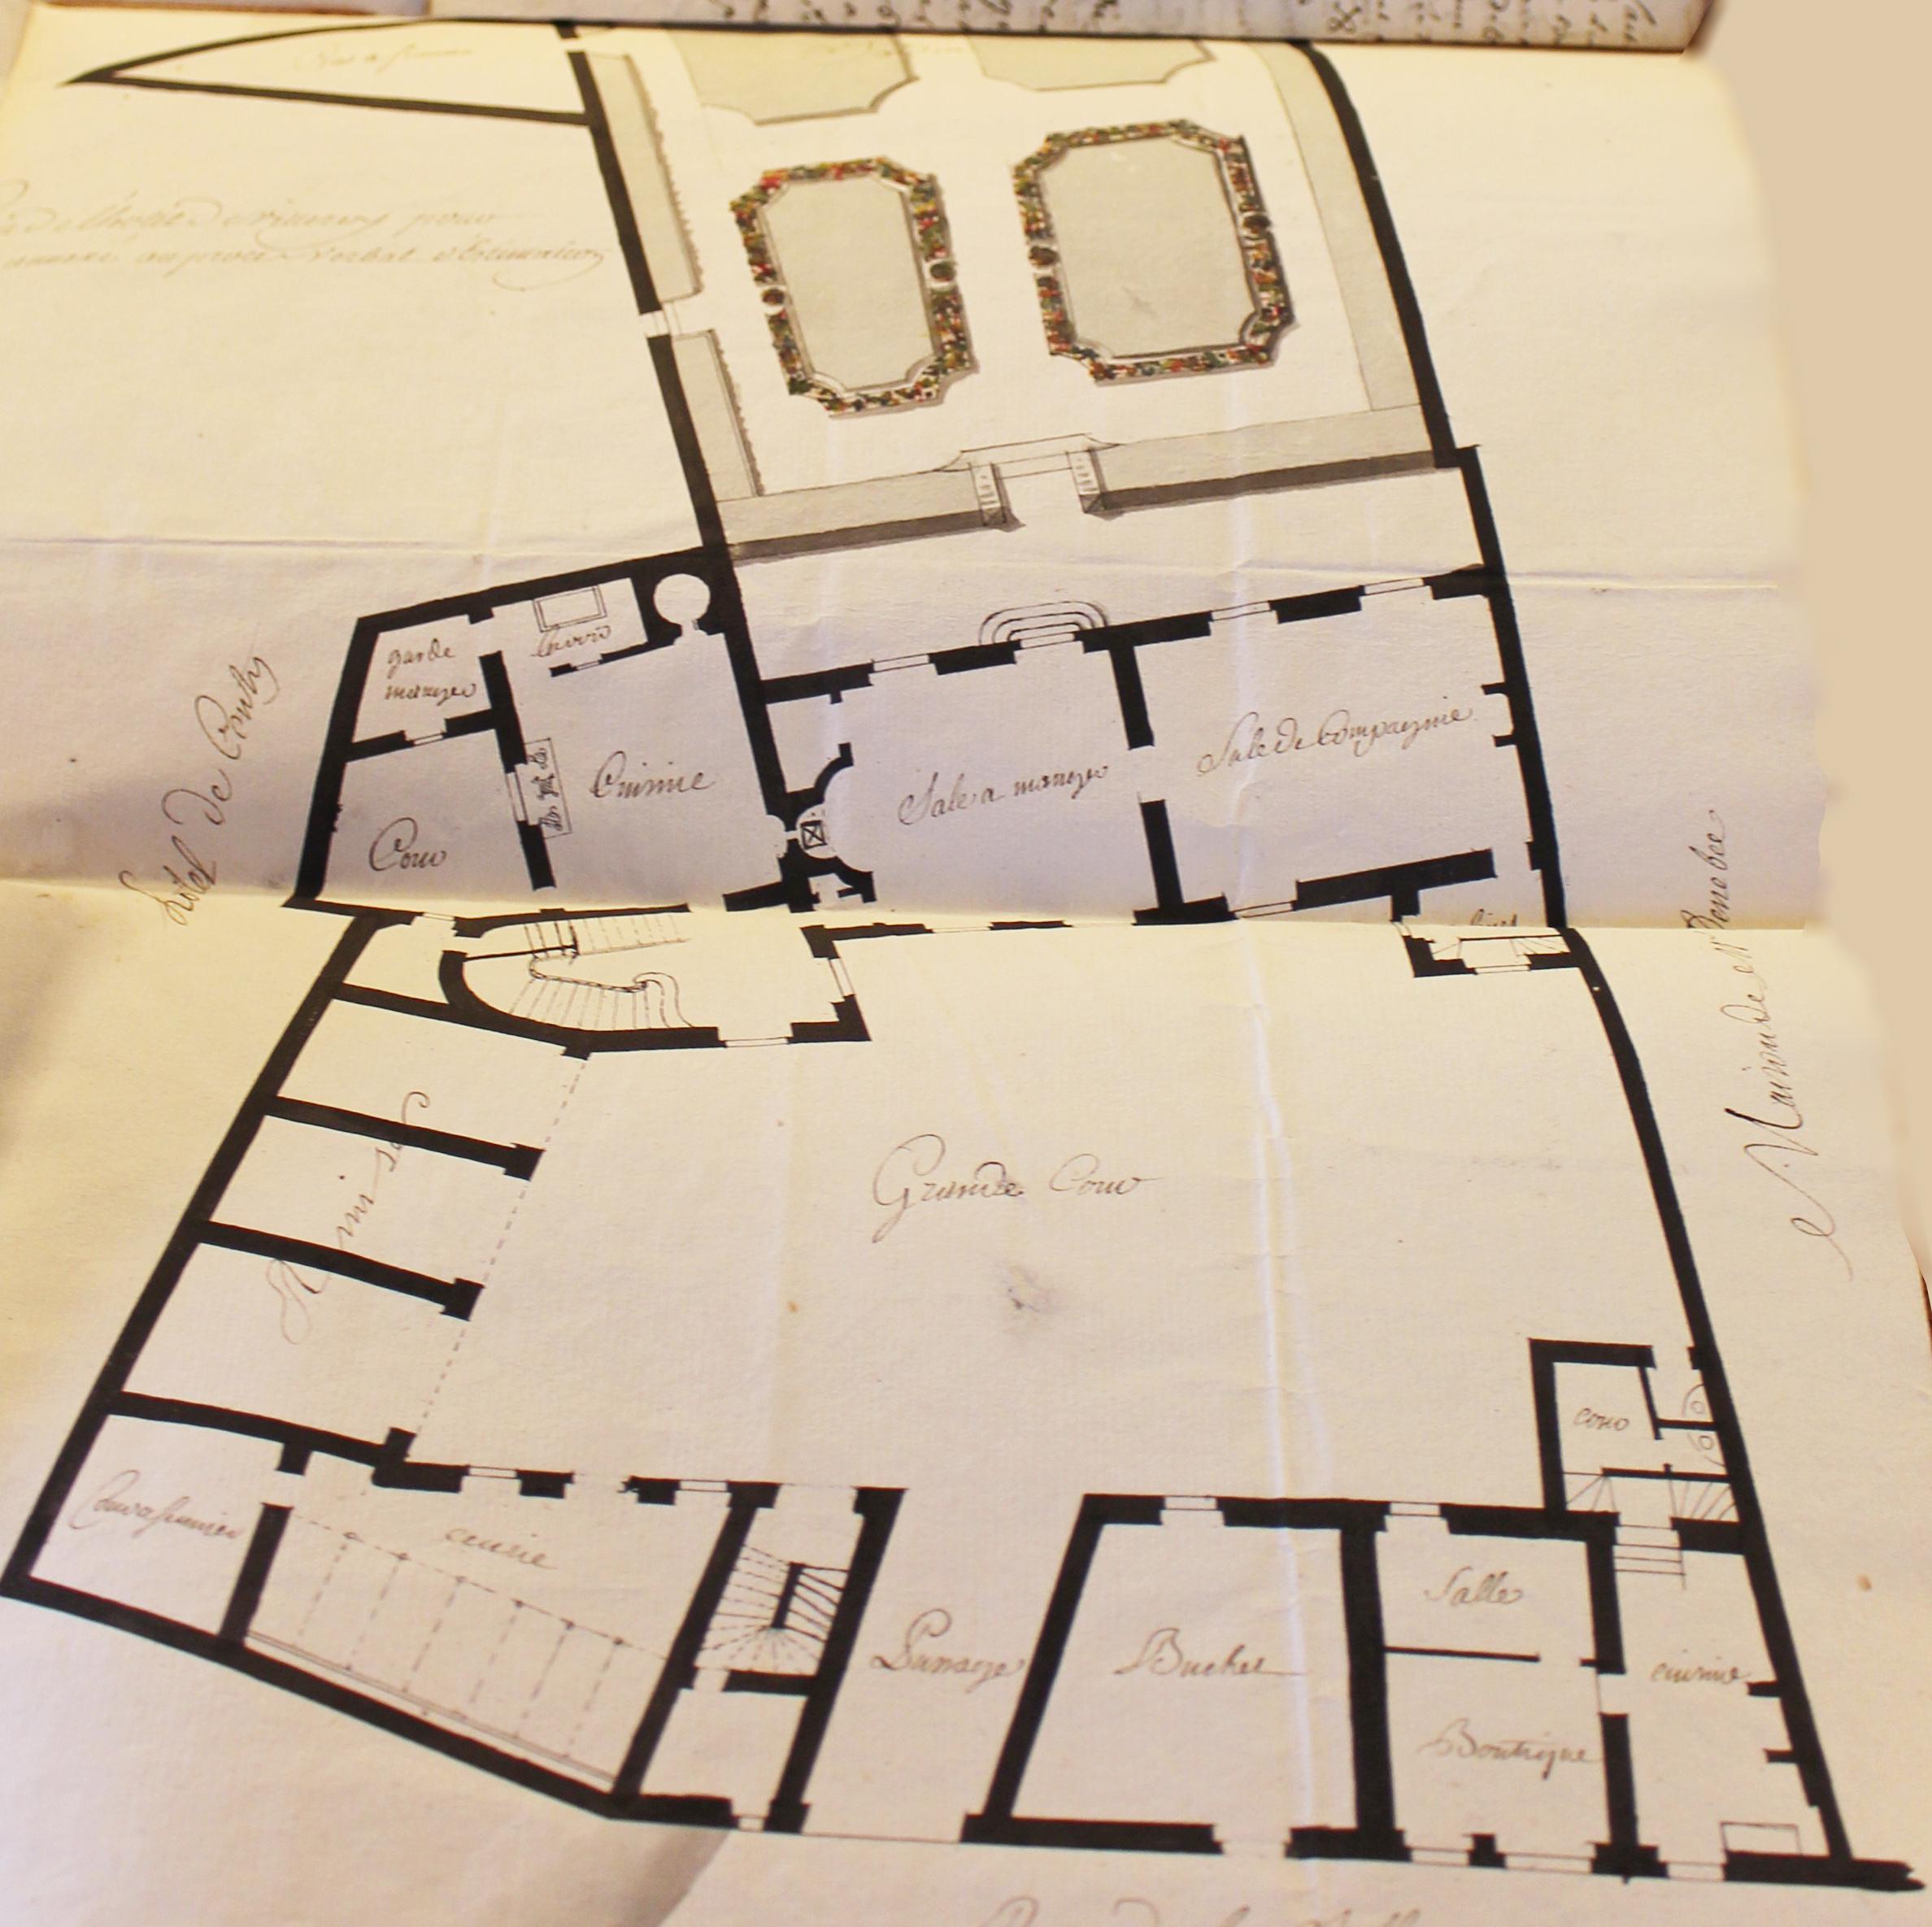 Plan Ville Chausse Saint Victor